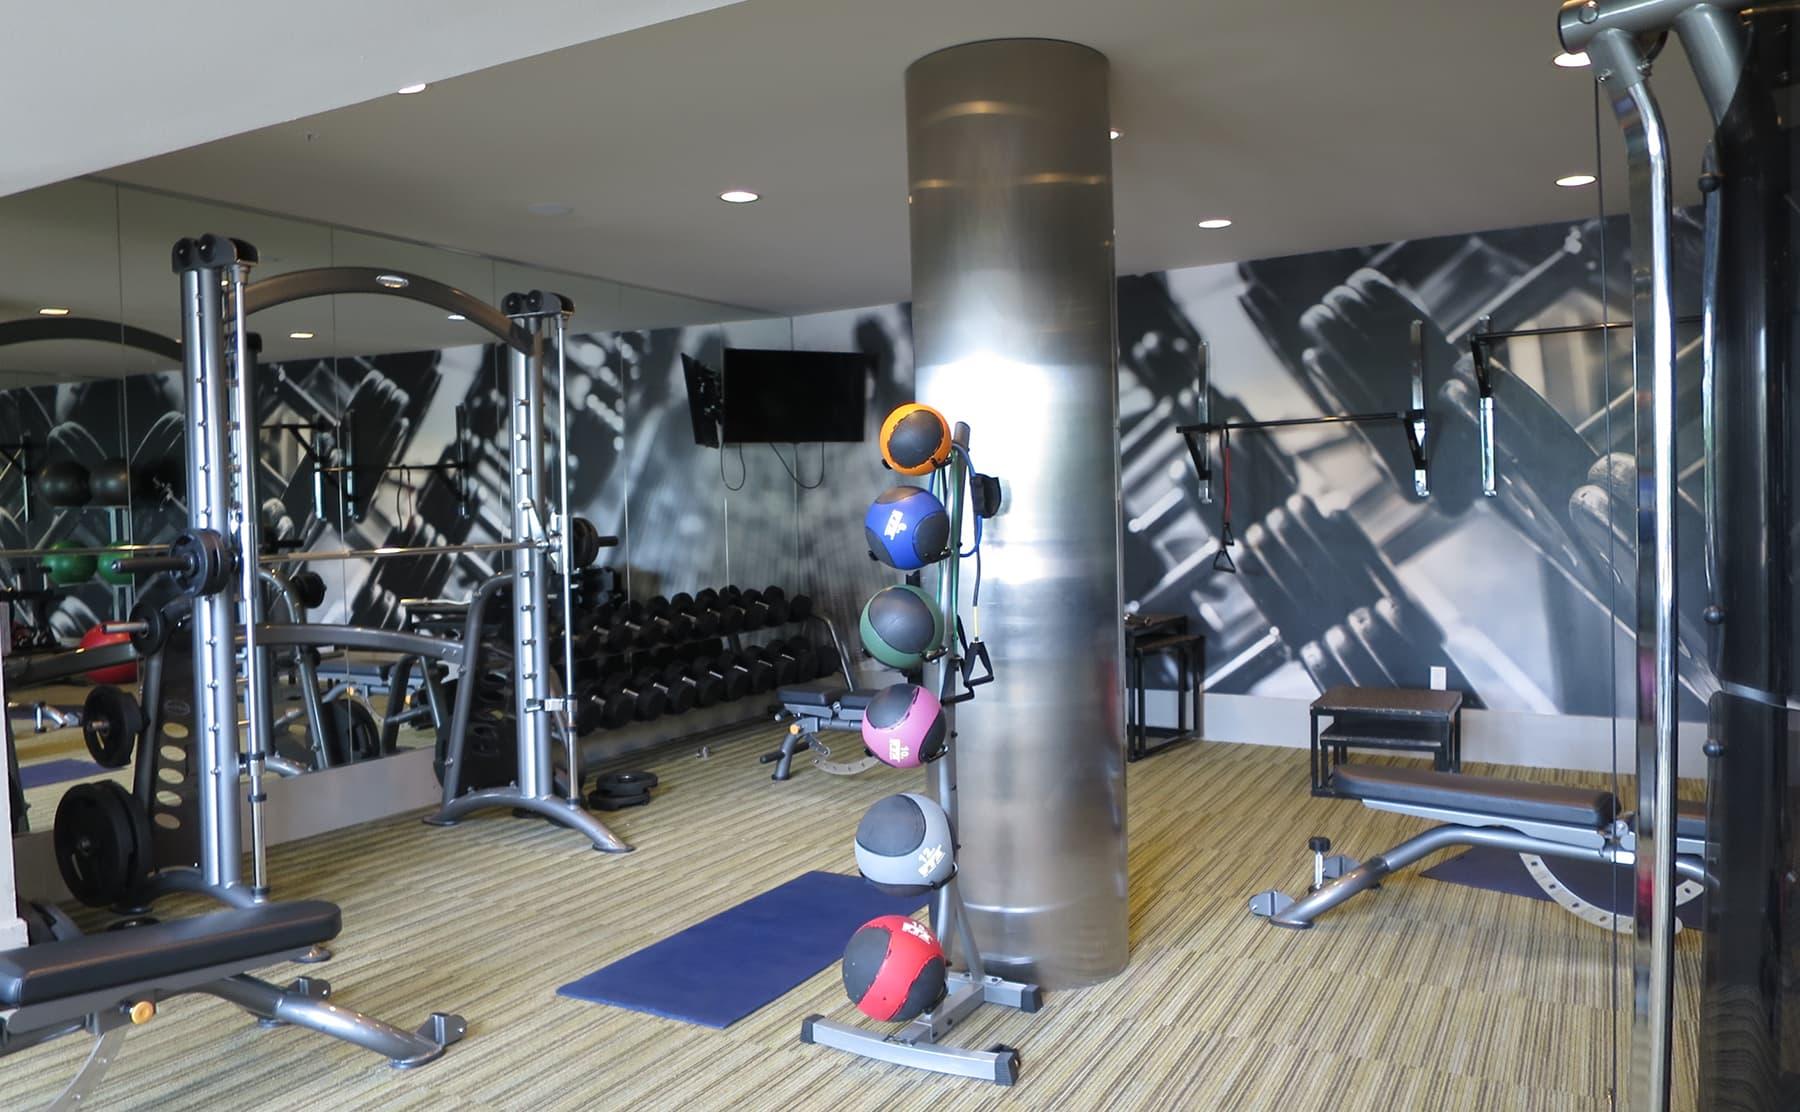 Las Colinas - Irving Apartment Living - Fitness Center